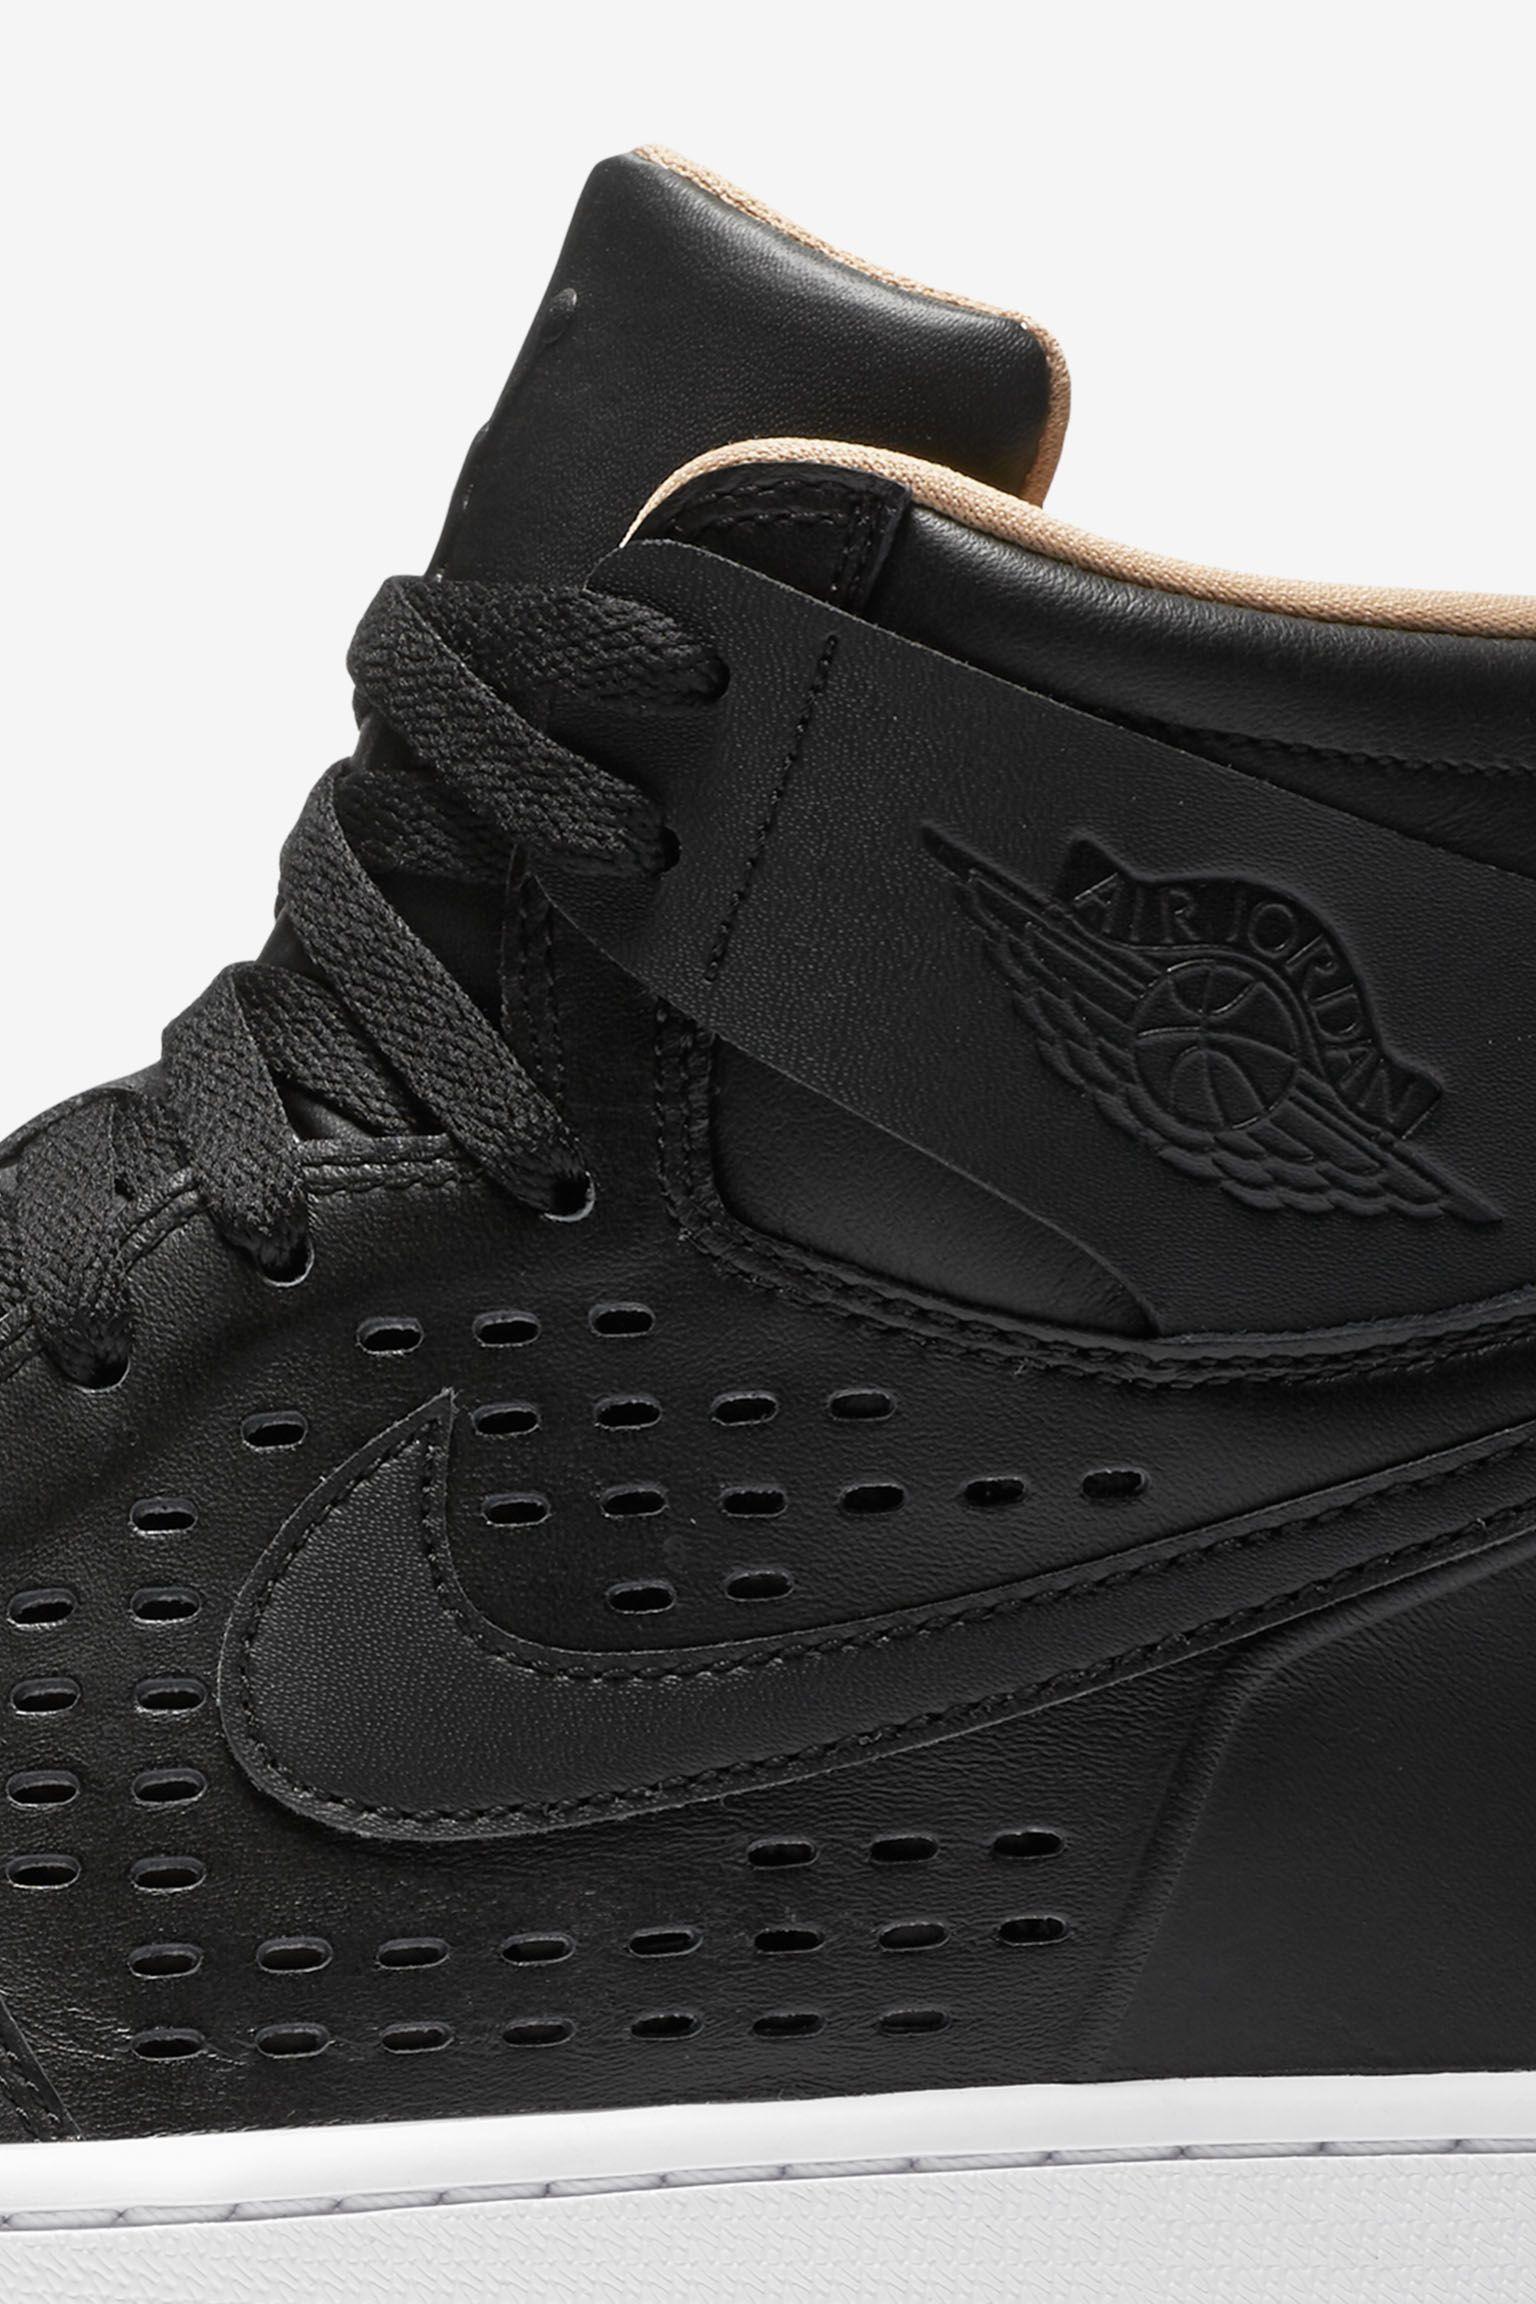 Air Jordan 1 Retro 'Engineered Perf' Black Release Date